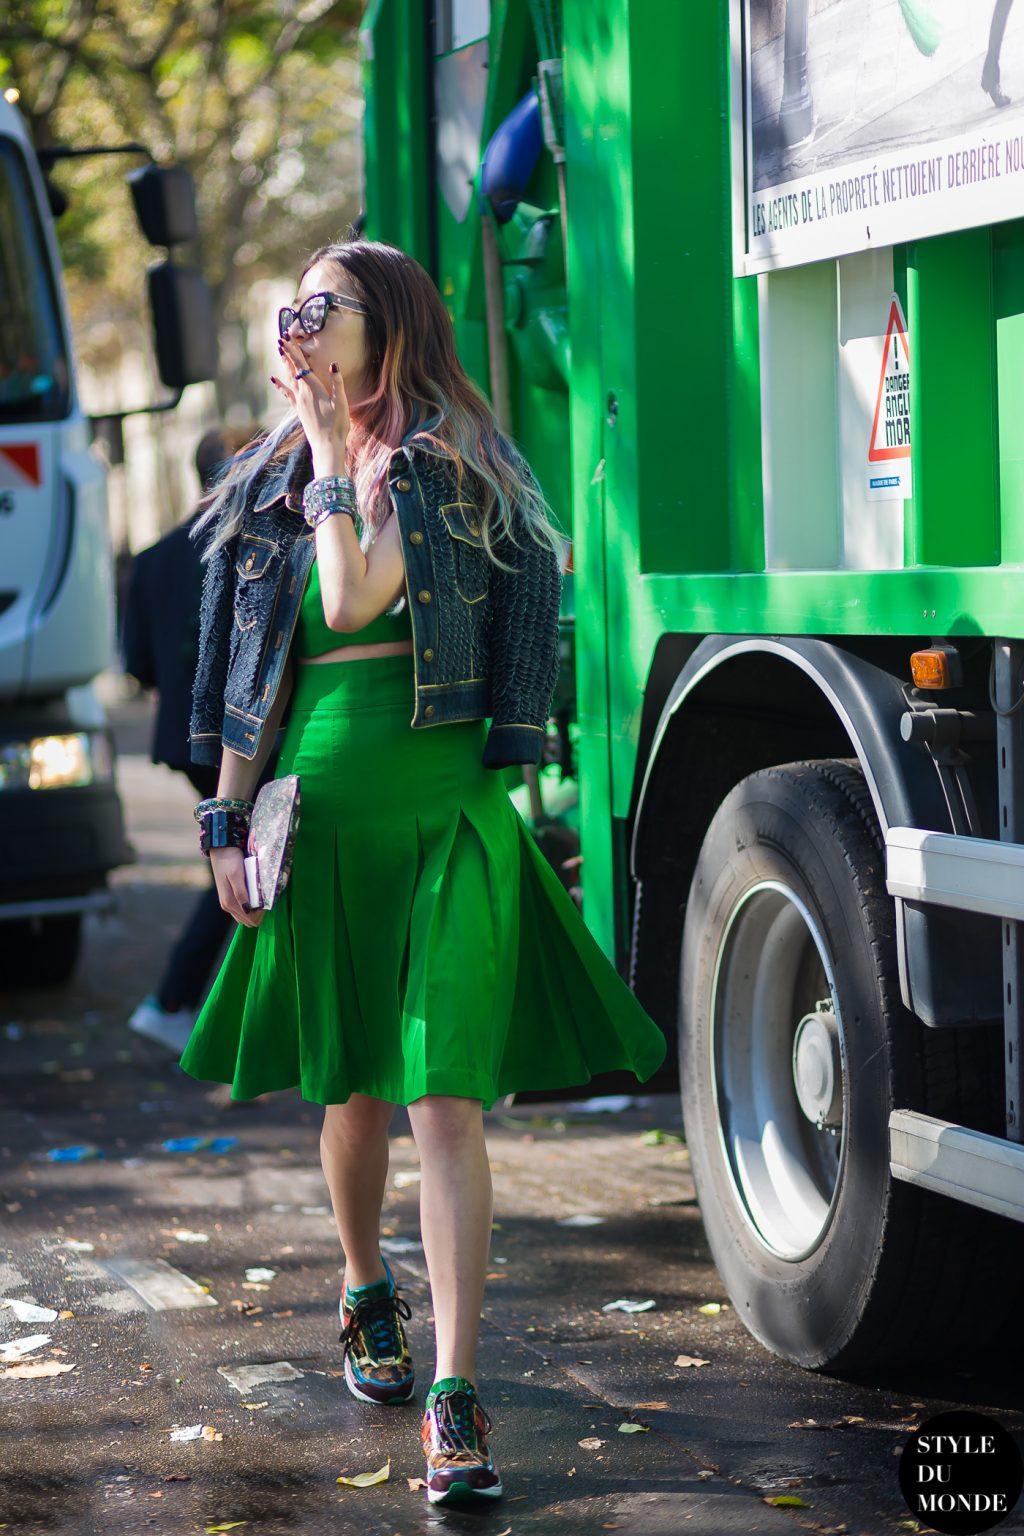 irene kim mặc áo croptop chân váy và áo khoác dạ màu xanh lá